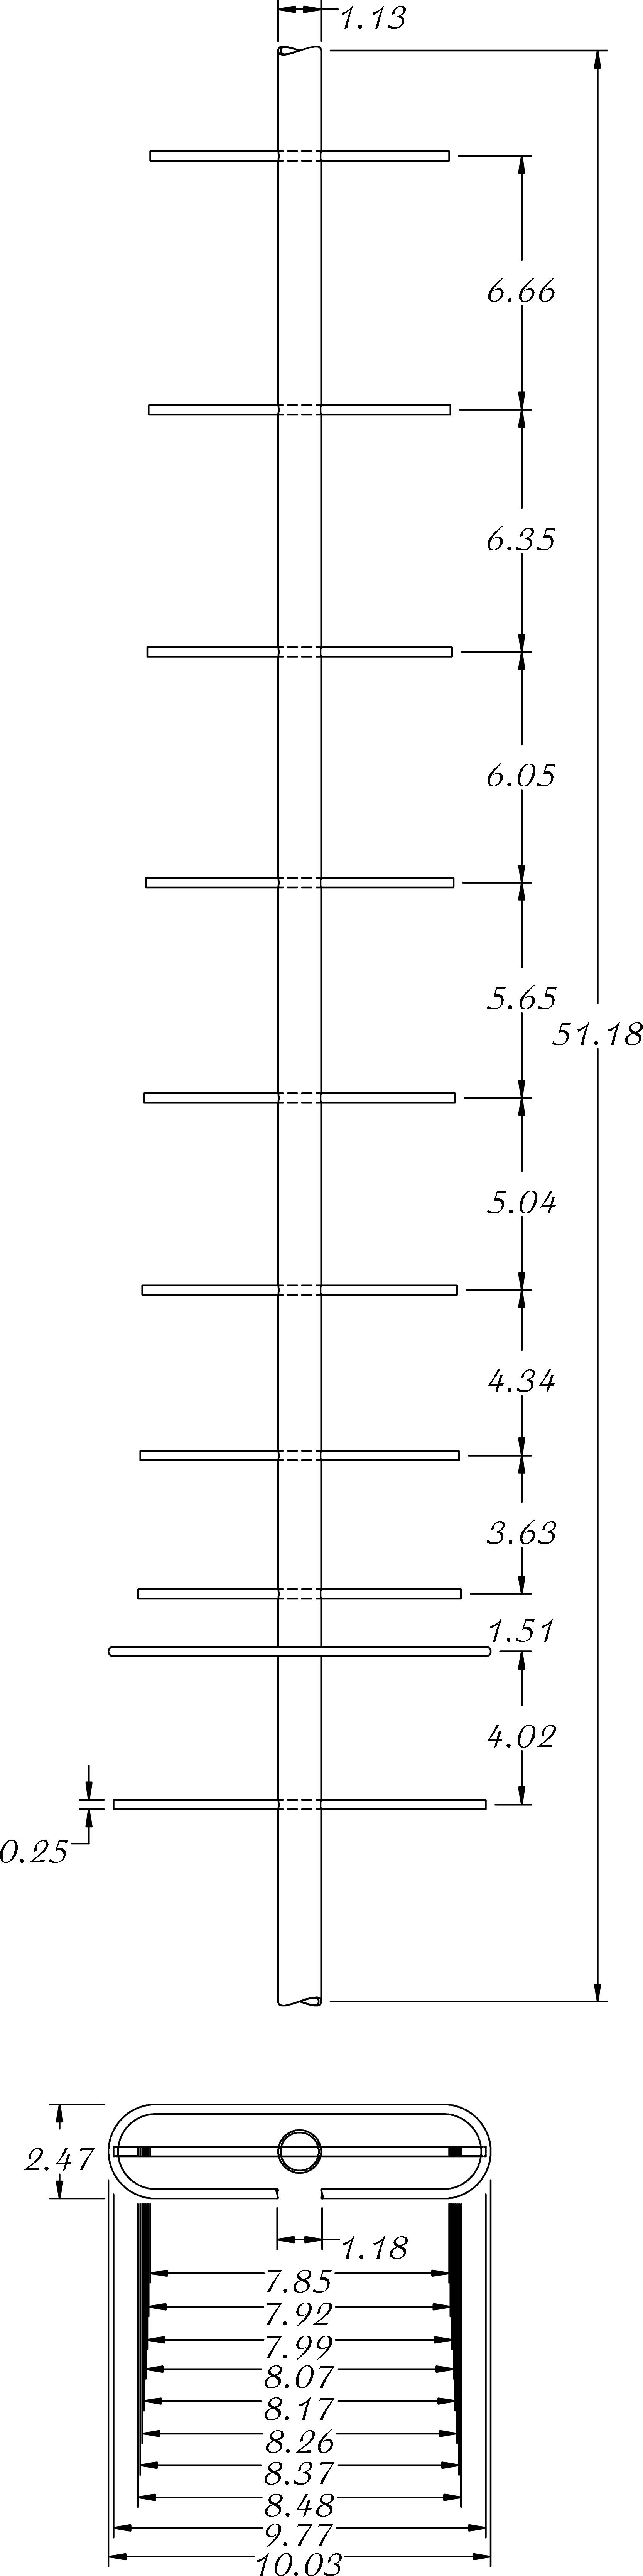 Pin on AntennaeTransmit/Receive